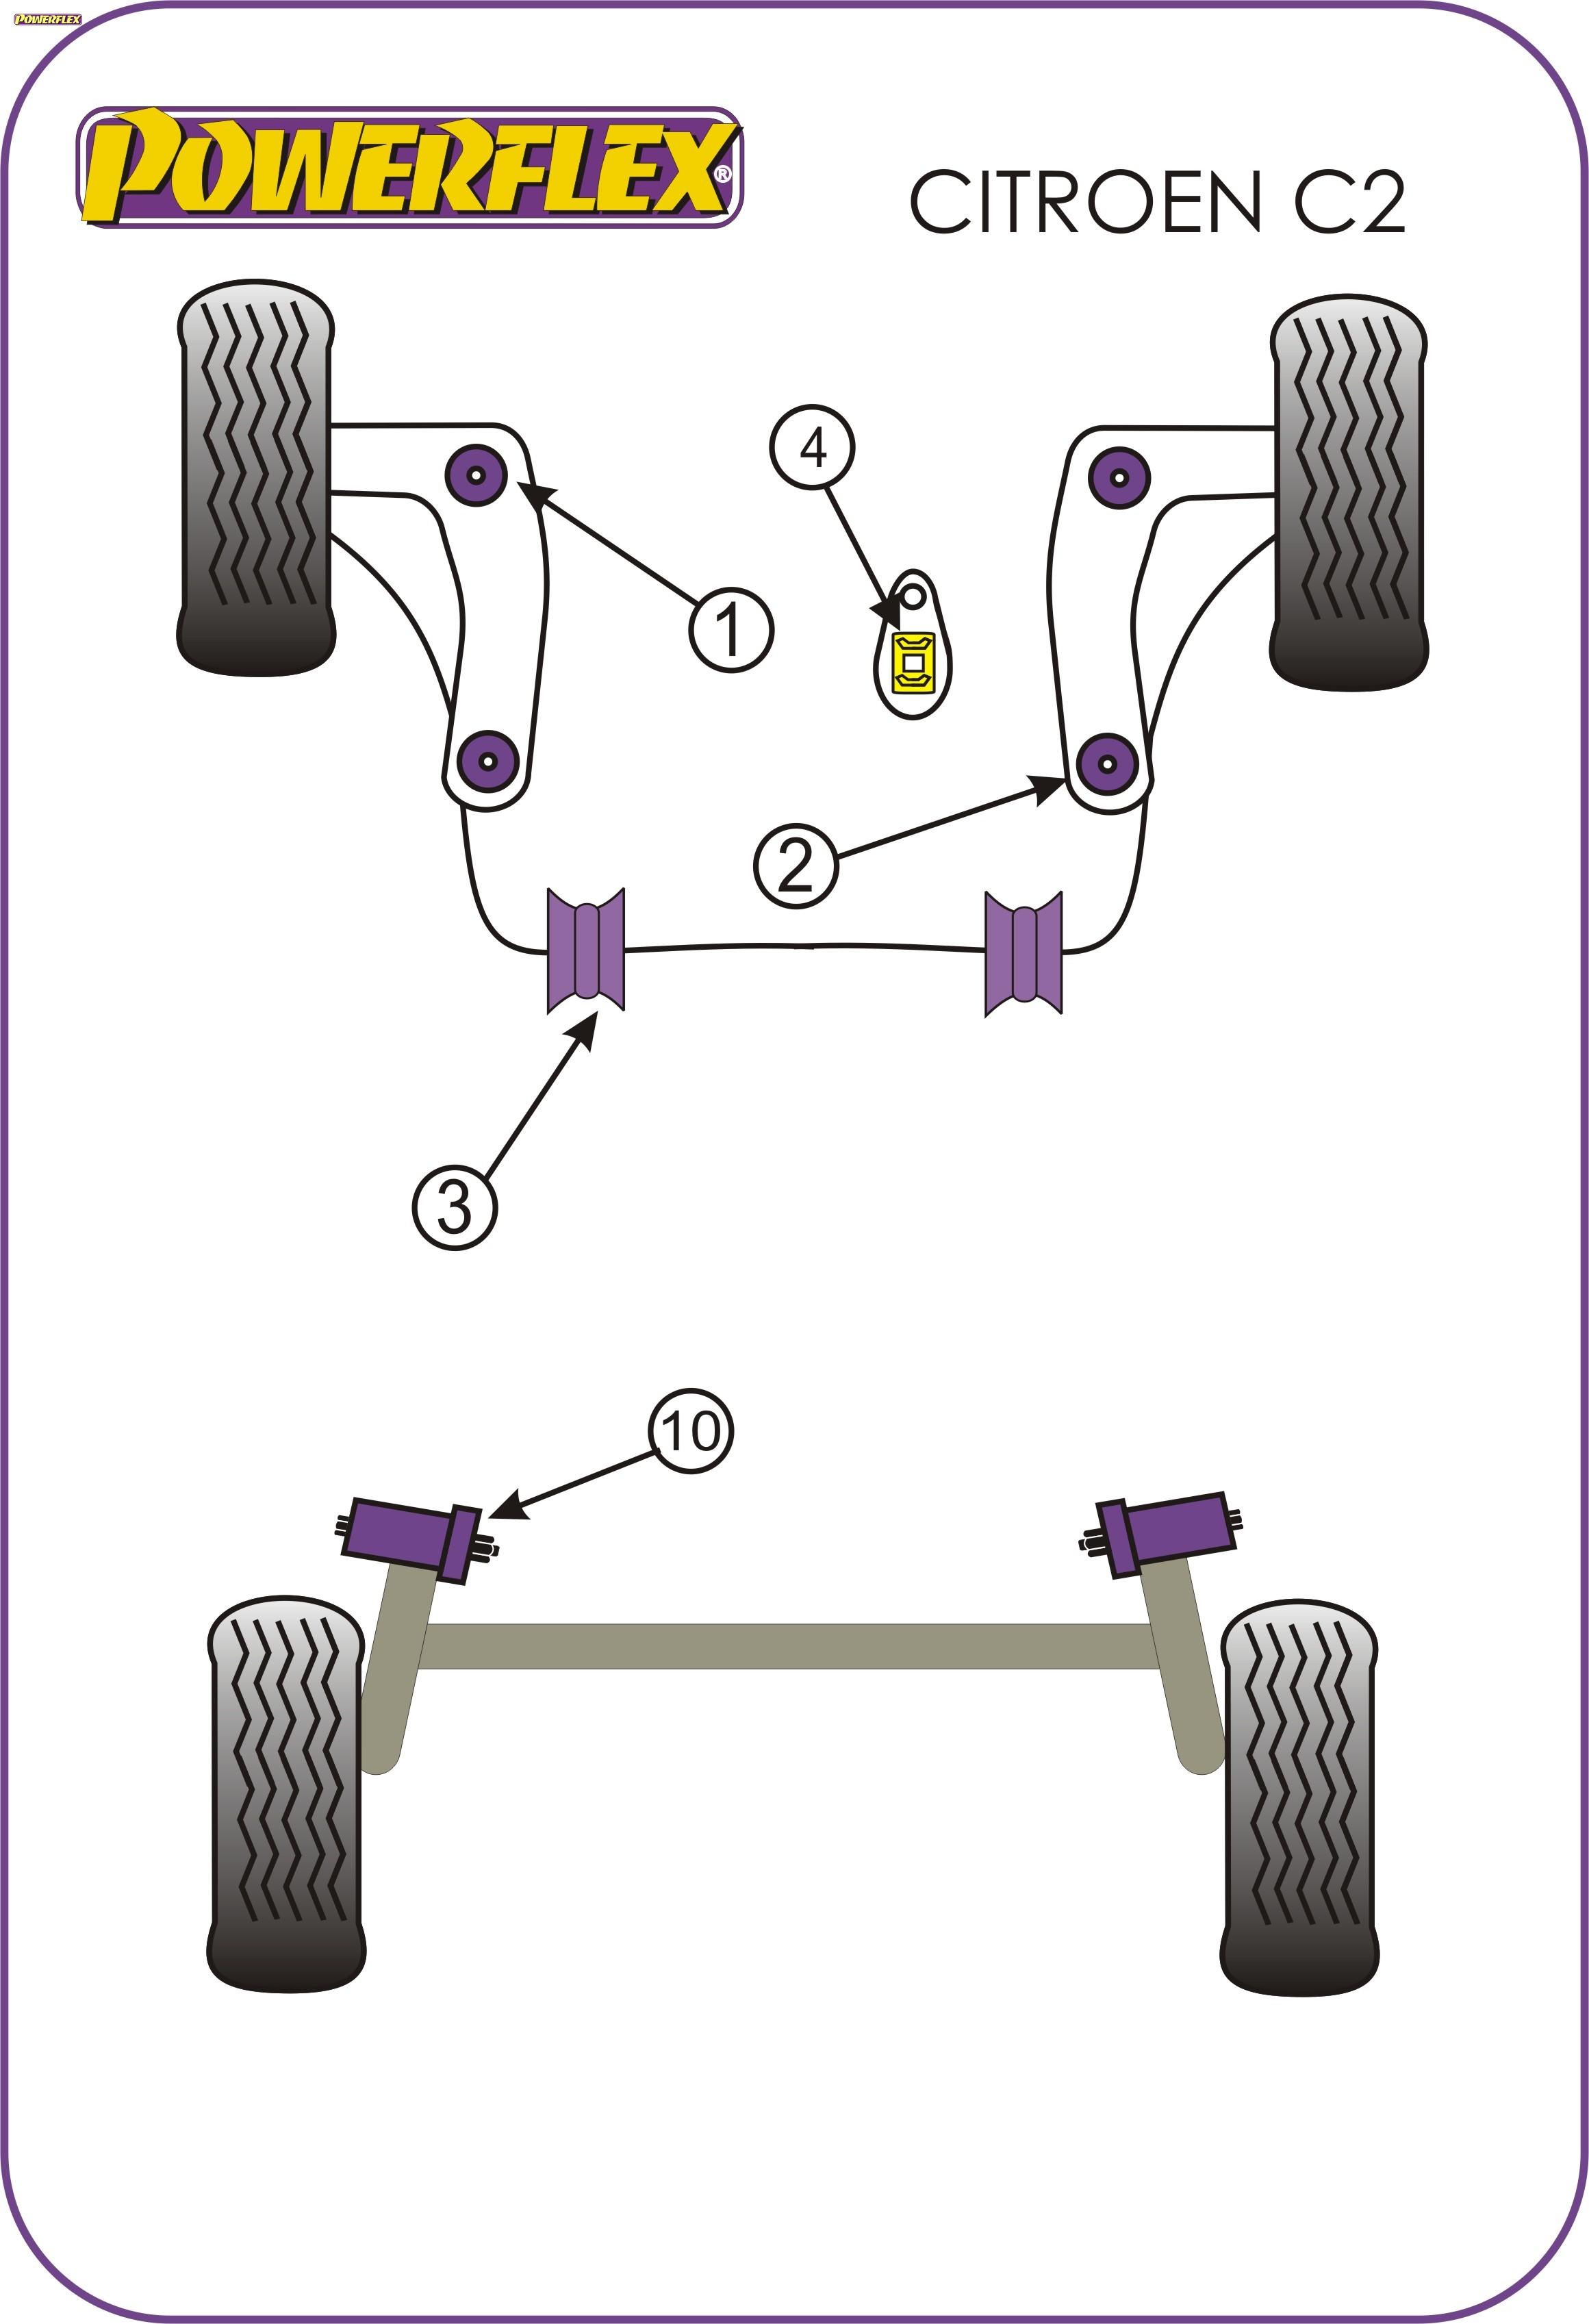 Powerflex-Spazzole-pff12-205-Inserto-MONTAGGIO-MOTORE-INFERIORE-GRATIS-HARIBO